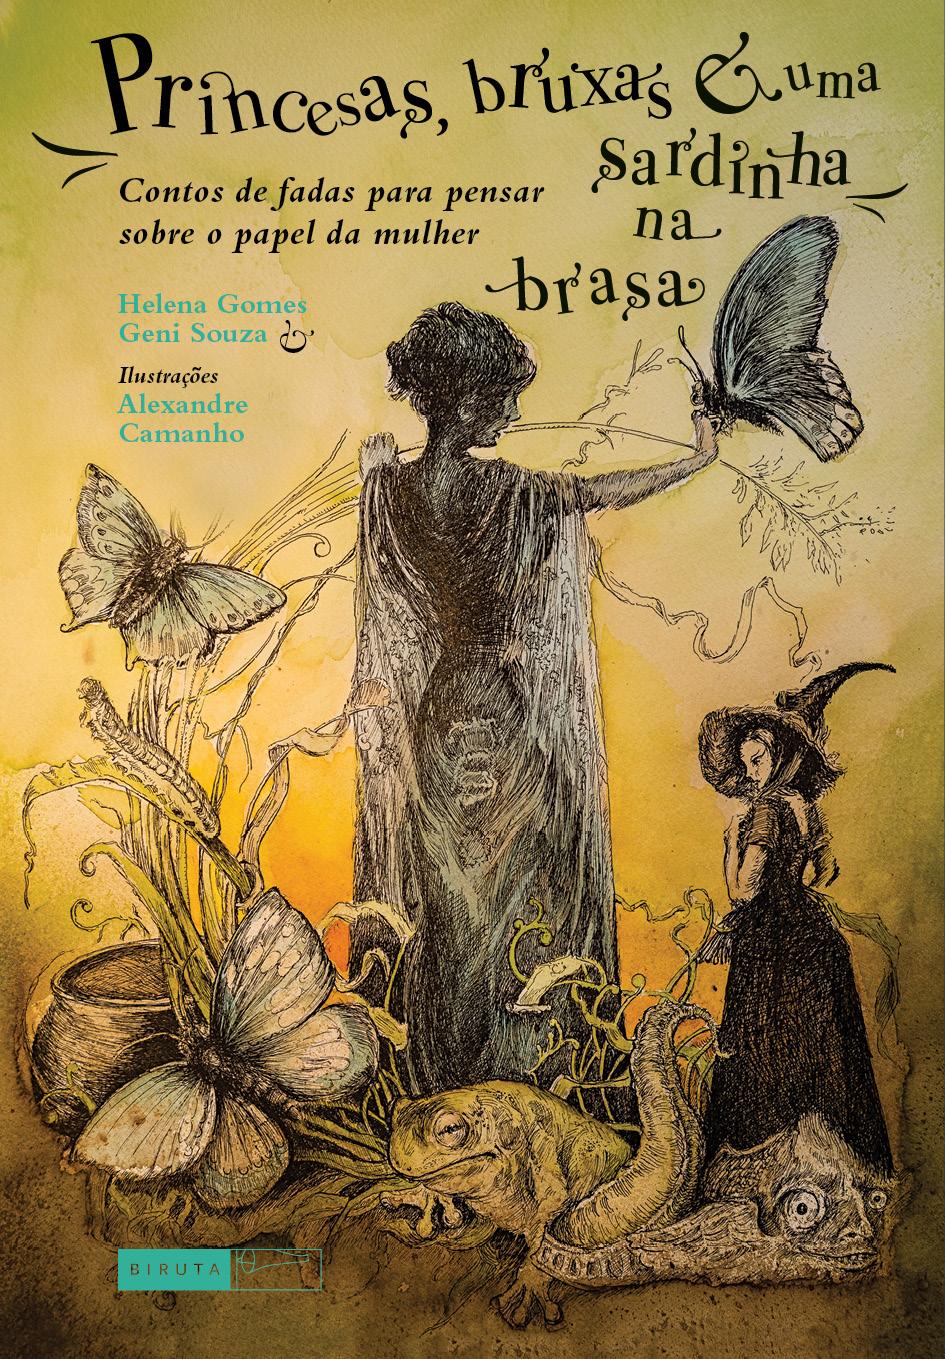 Livros Da Helena Gomes 41 Princesas Bruxas E Uma Sardinha Na